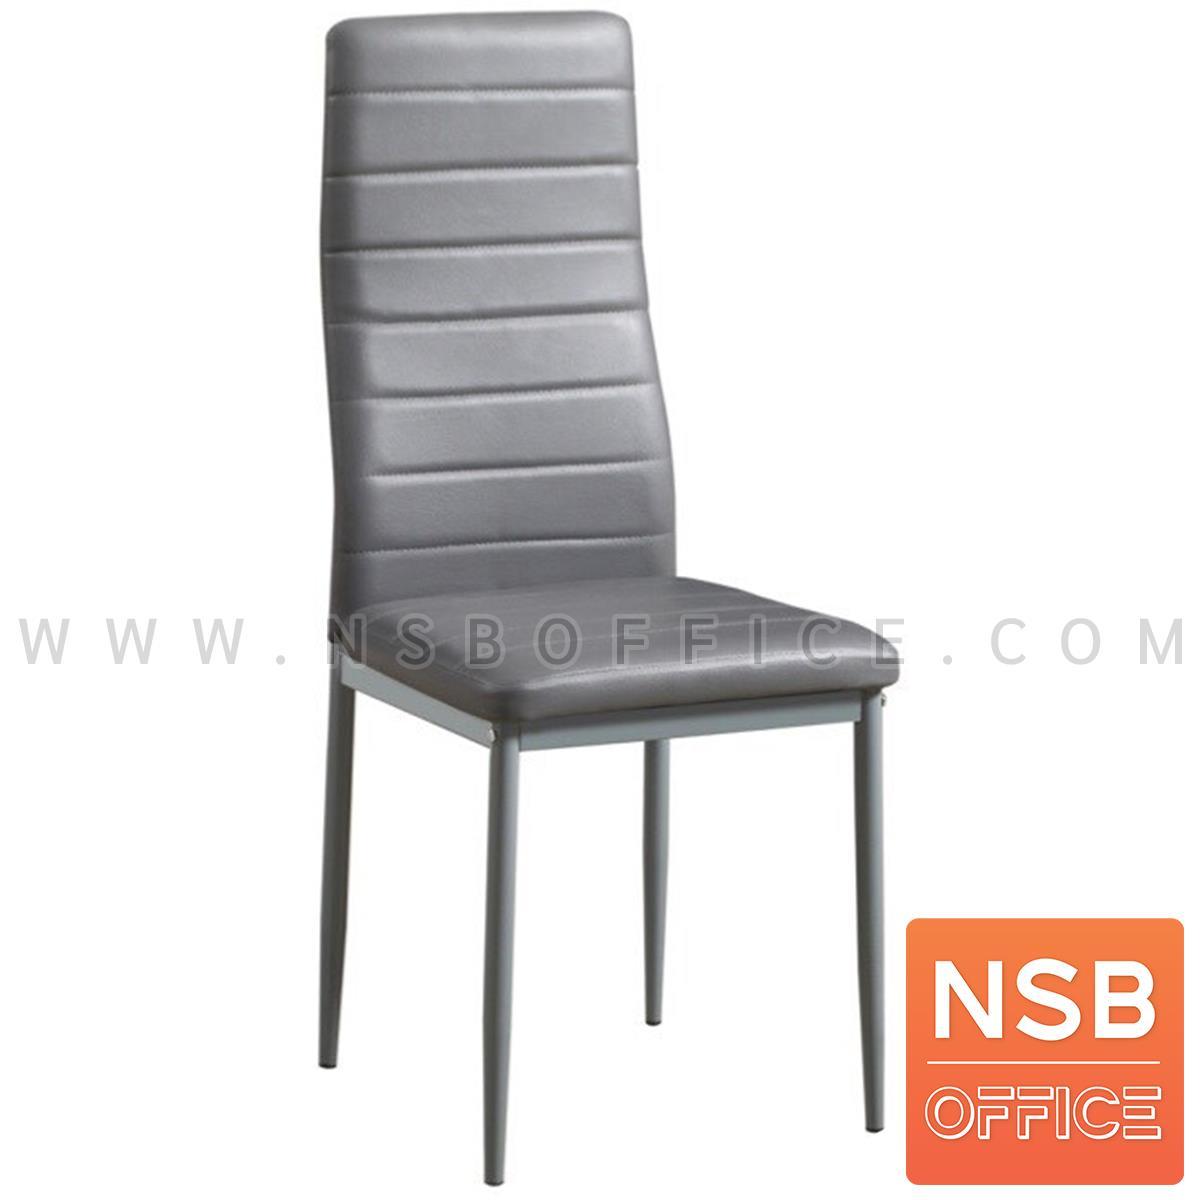 B22A199:เก้าอี้รับประทานอาหาร รุ่น Luxe (ลักซ์)  หุ้มหนังเทียม ขาเหล็กสีเทา